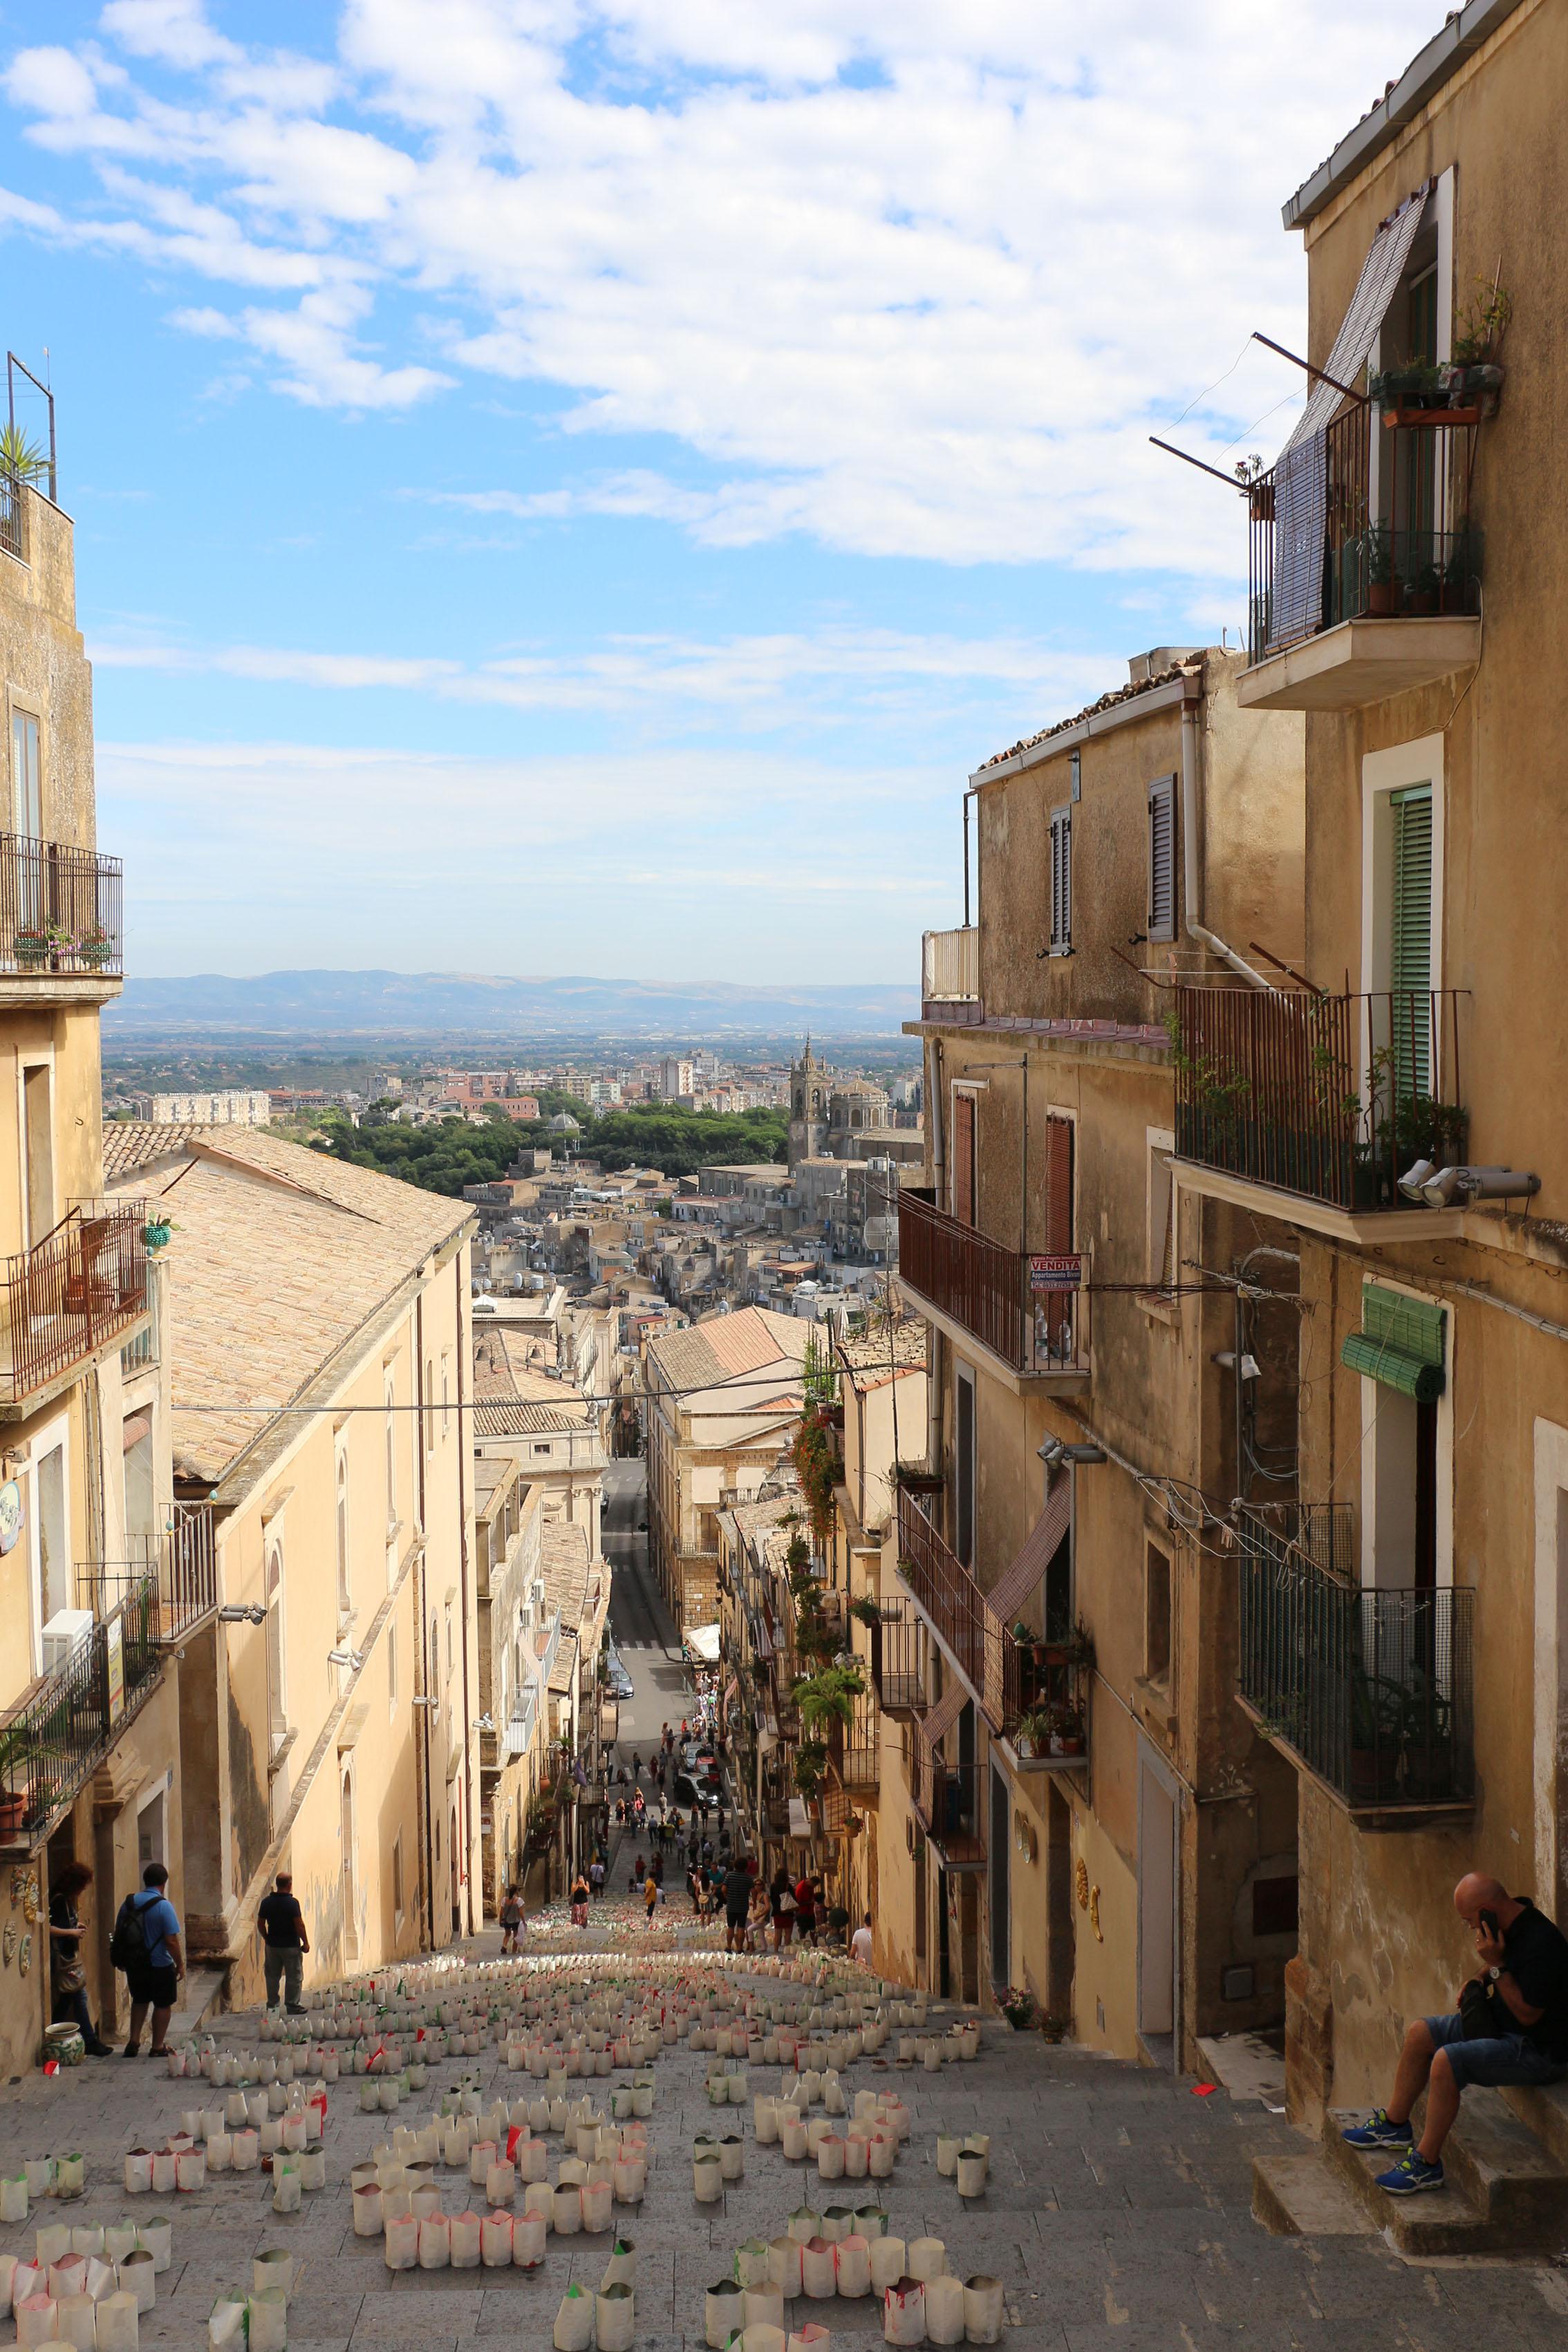 http://www.viaggiavventurenelmondo.it/immagini/sicilia.jpg